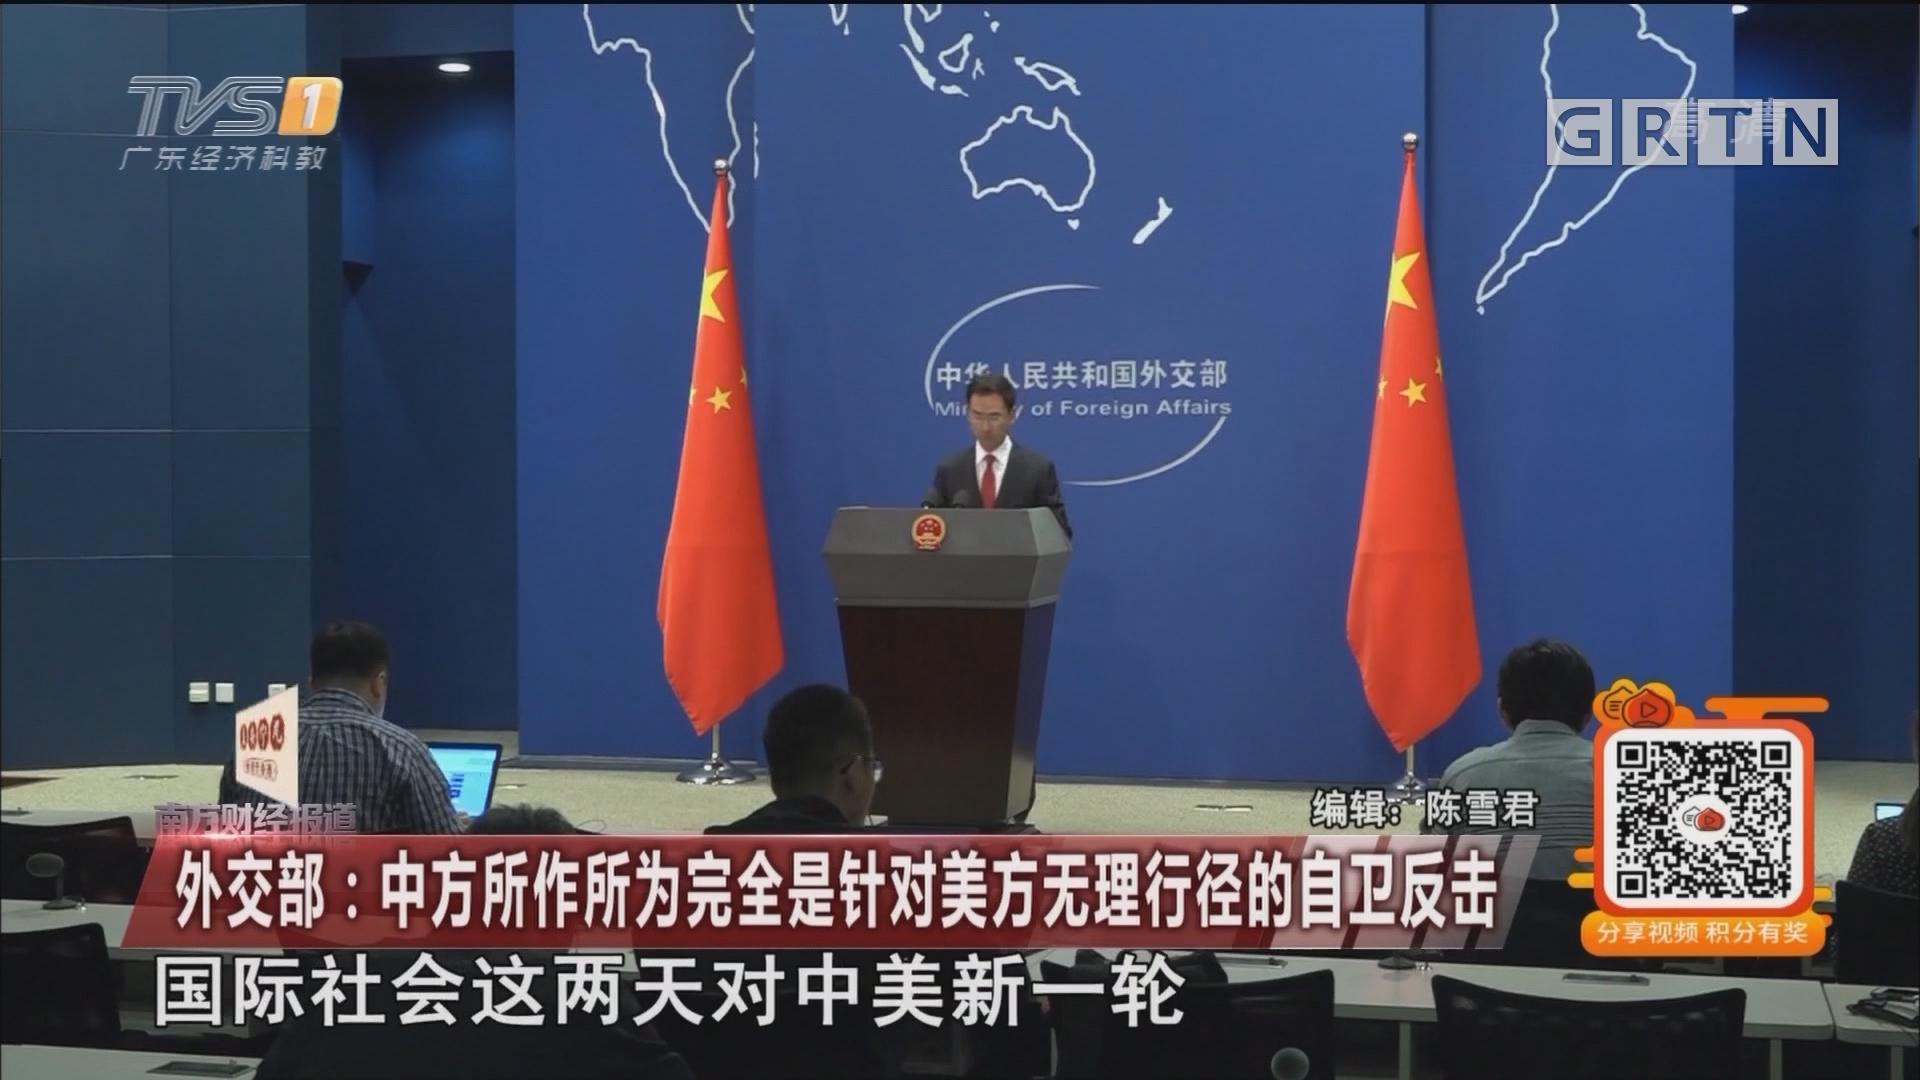 外交部:中方所作所为完全是针对美方无理行径的自卫反击